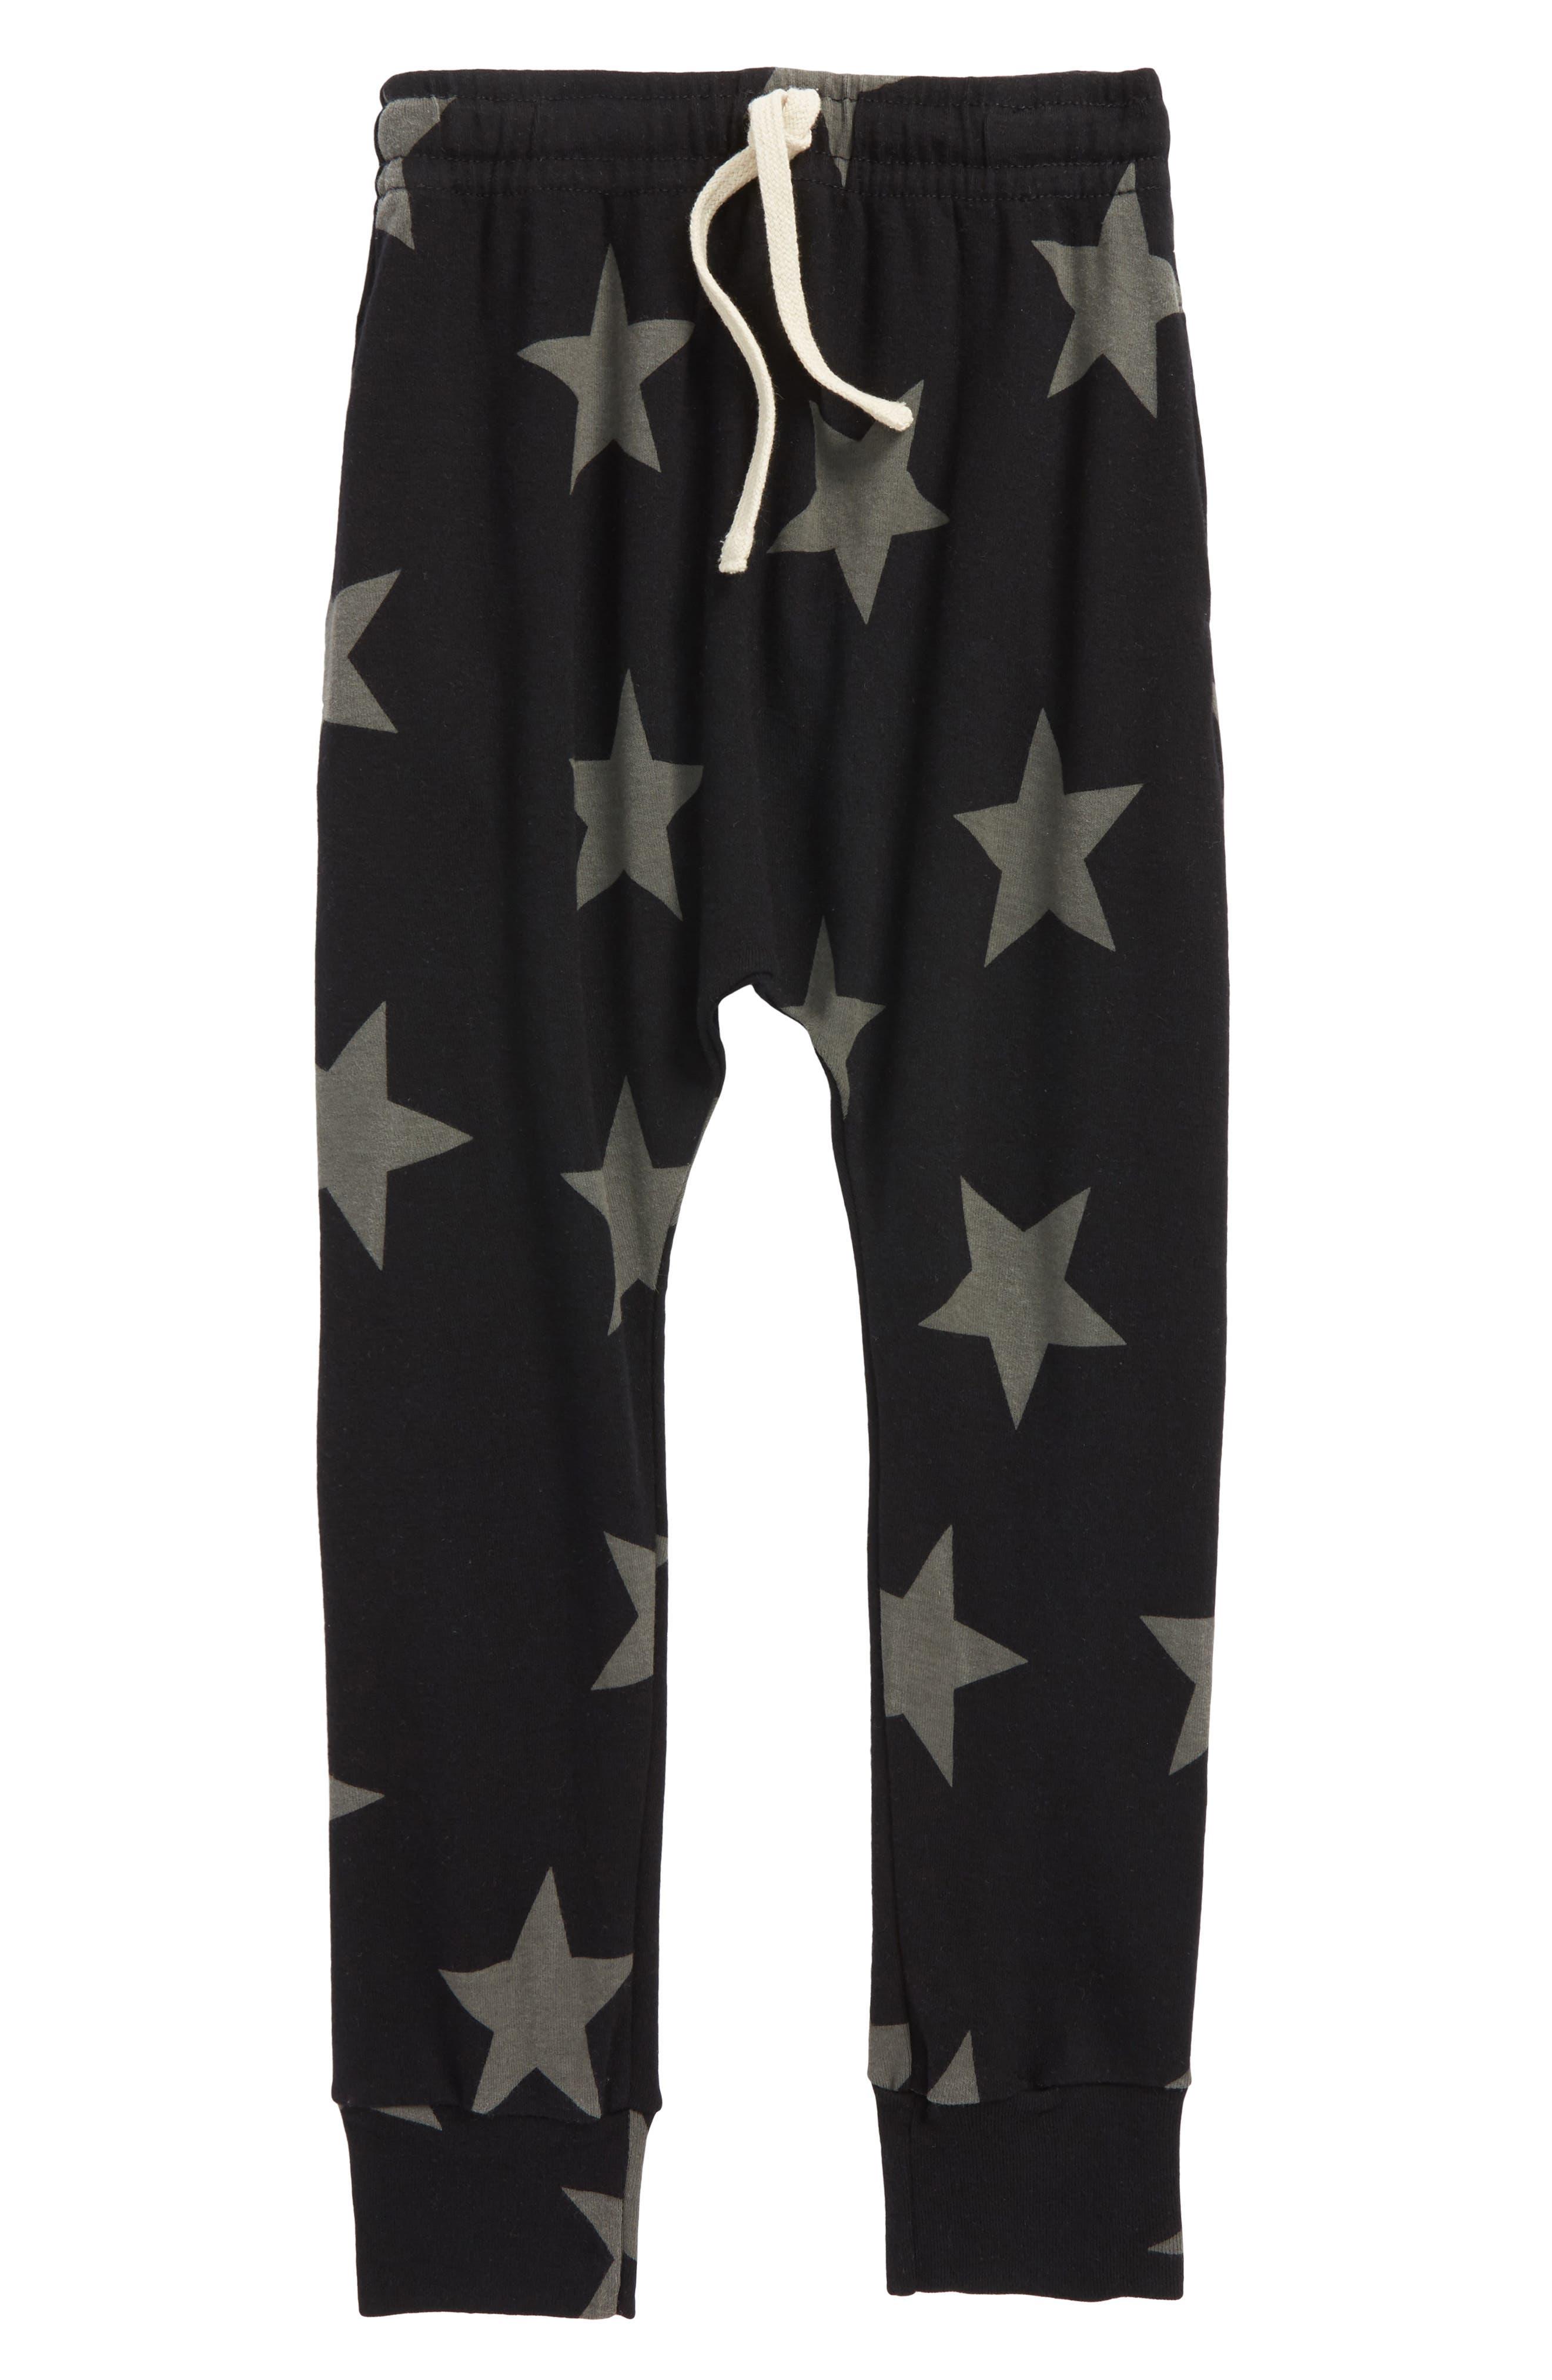 Star Baggy Pants,                             Main thumbnail 1, color,                             001